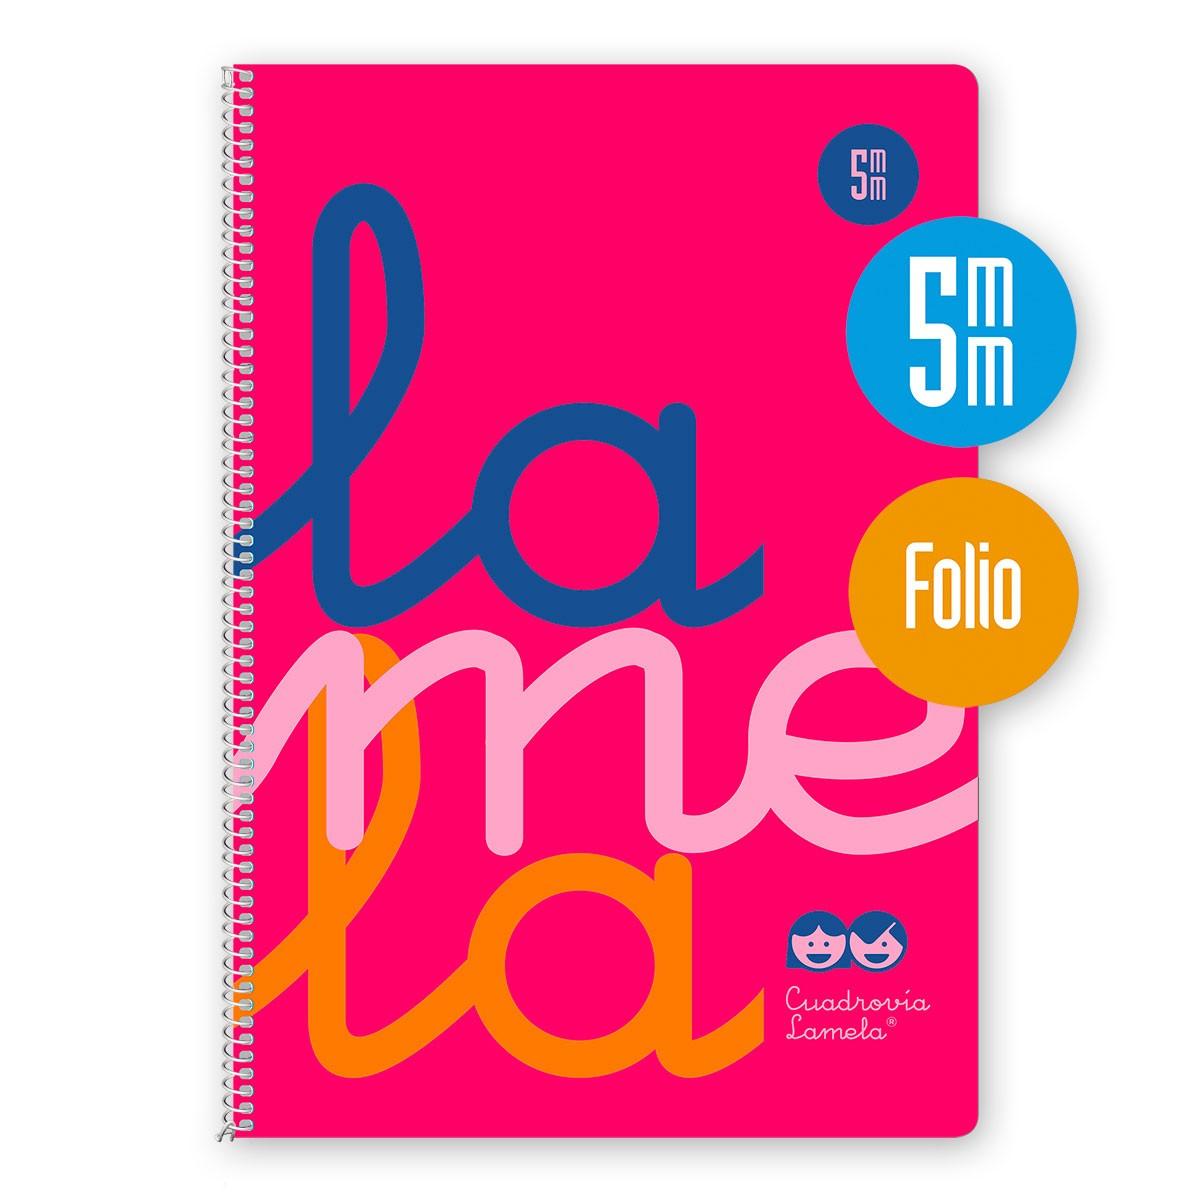 Cuaderno Espiral Folio 80 Hojas, 90 Grs. Cubierta Polipropileno Fluor. ROSA. Cuadrovía 5mm.